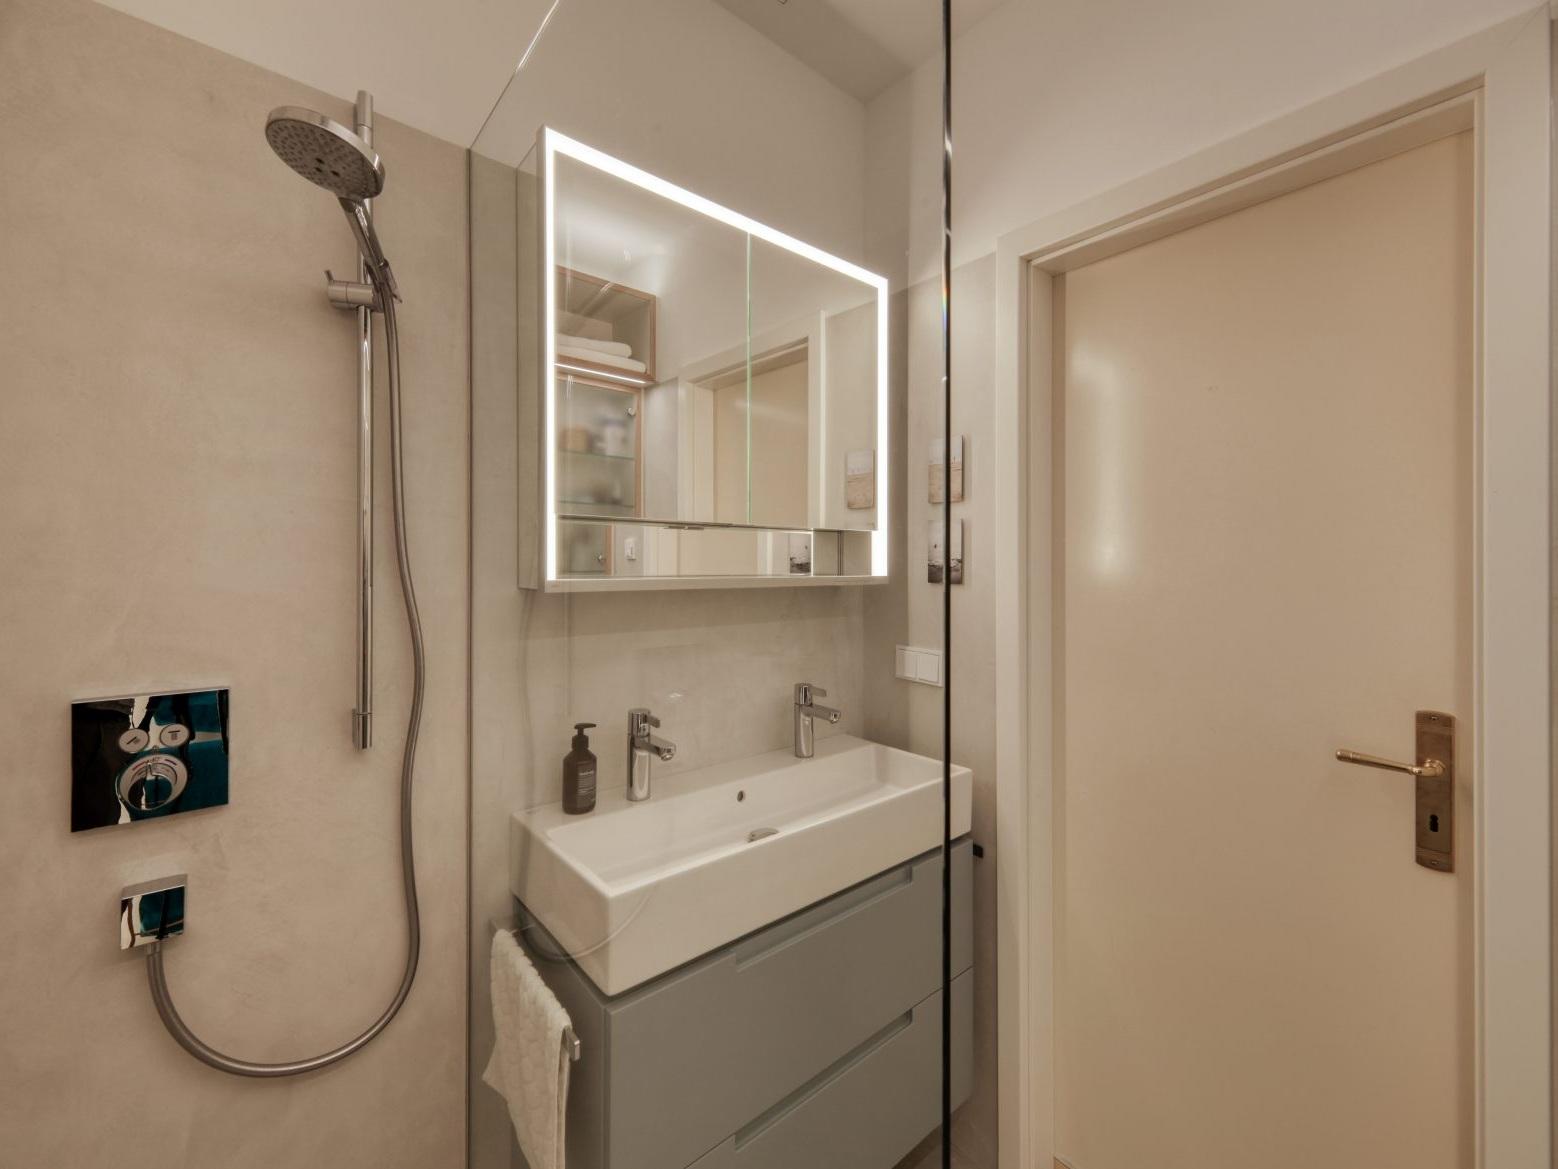 Kleines Raumwunder - Waschtisch und Spiegelschrank